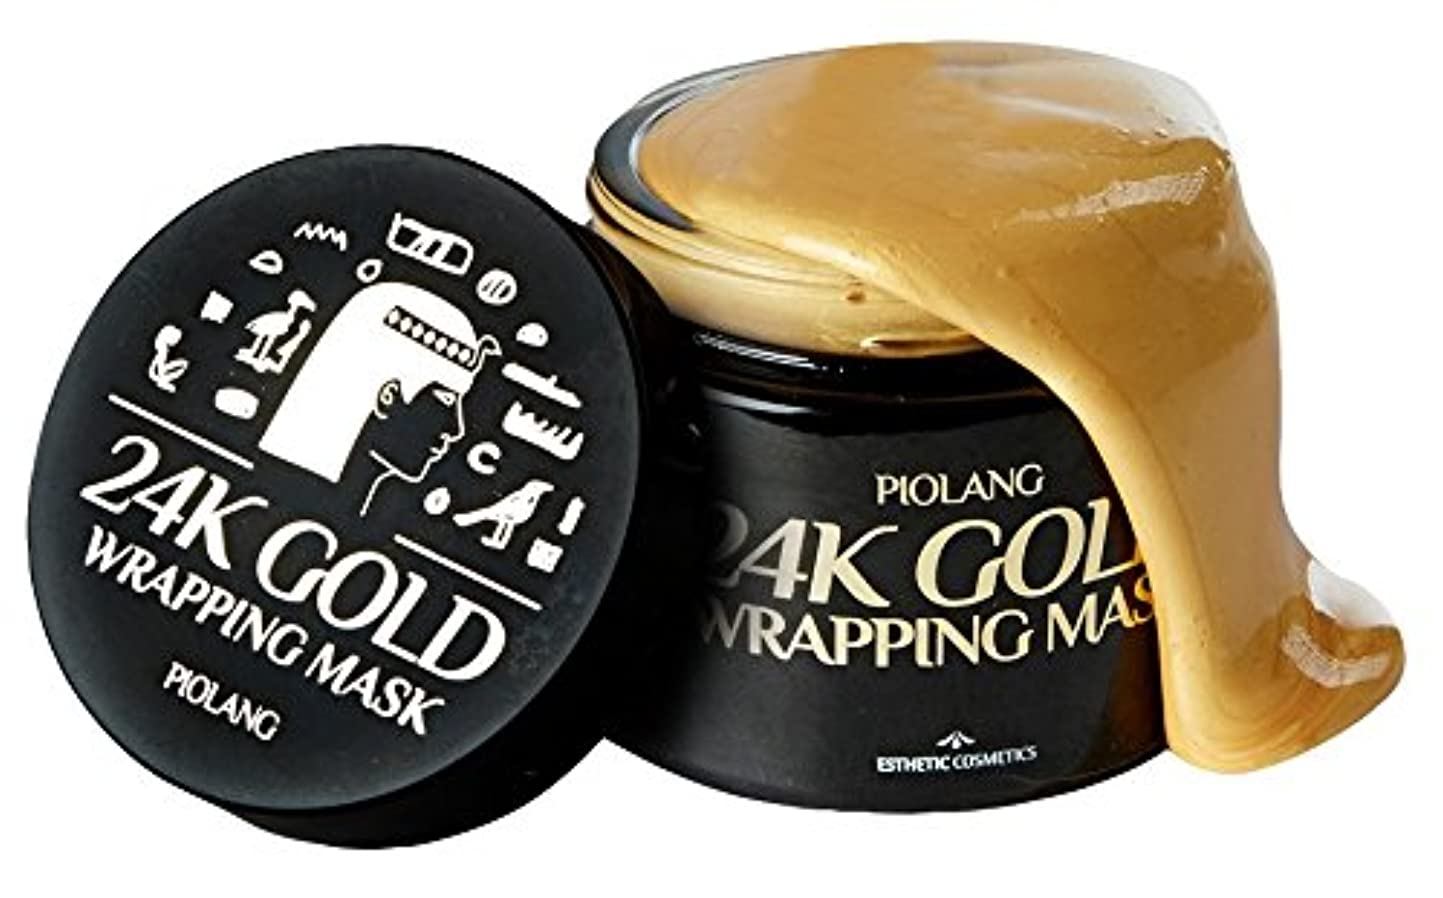 北米惑星マートkoreangs 韓国製 ピオラング 24K ゴールド ラッピングマスク 赤みを抑えるバランス フェイスカラー 自然な輝きを取り戻し疲れた肌をリフレッシュ- 80ml By